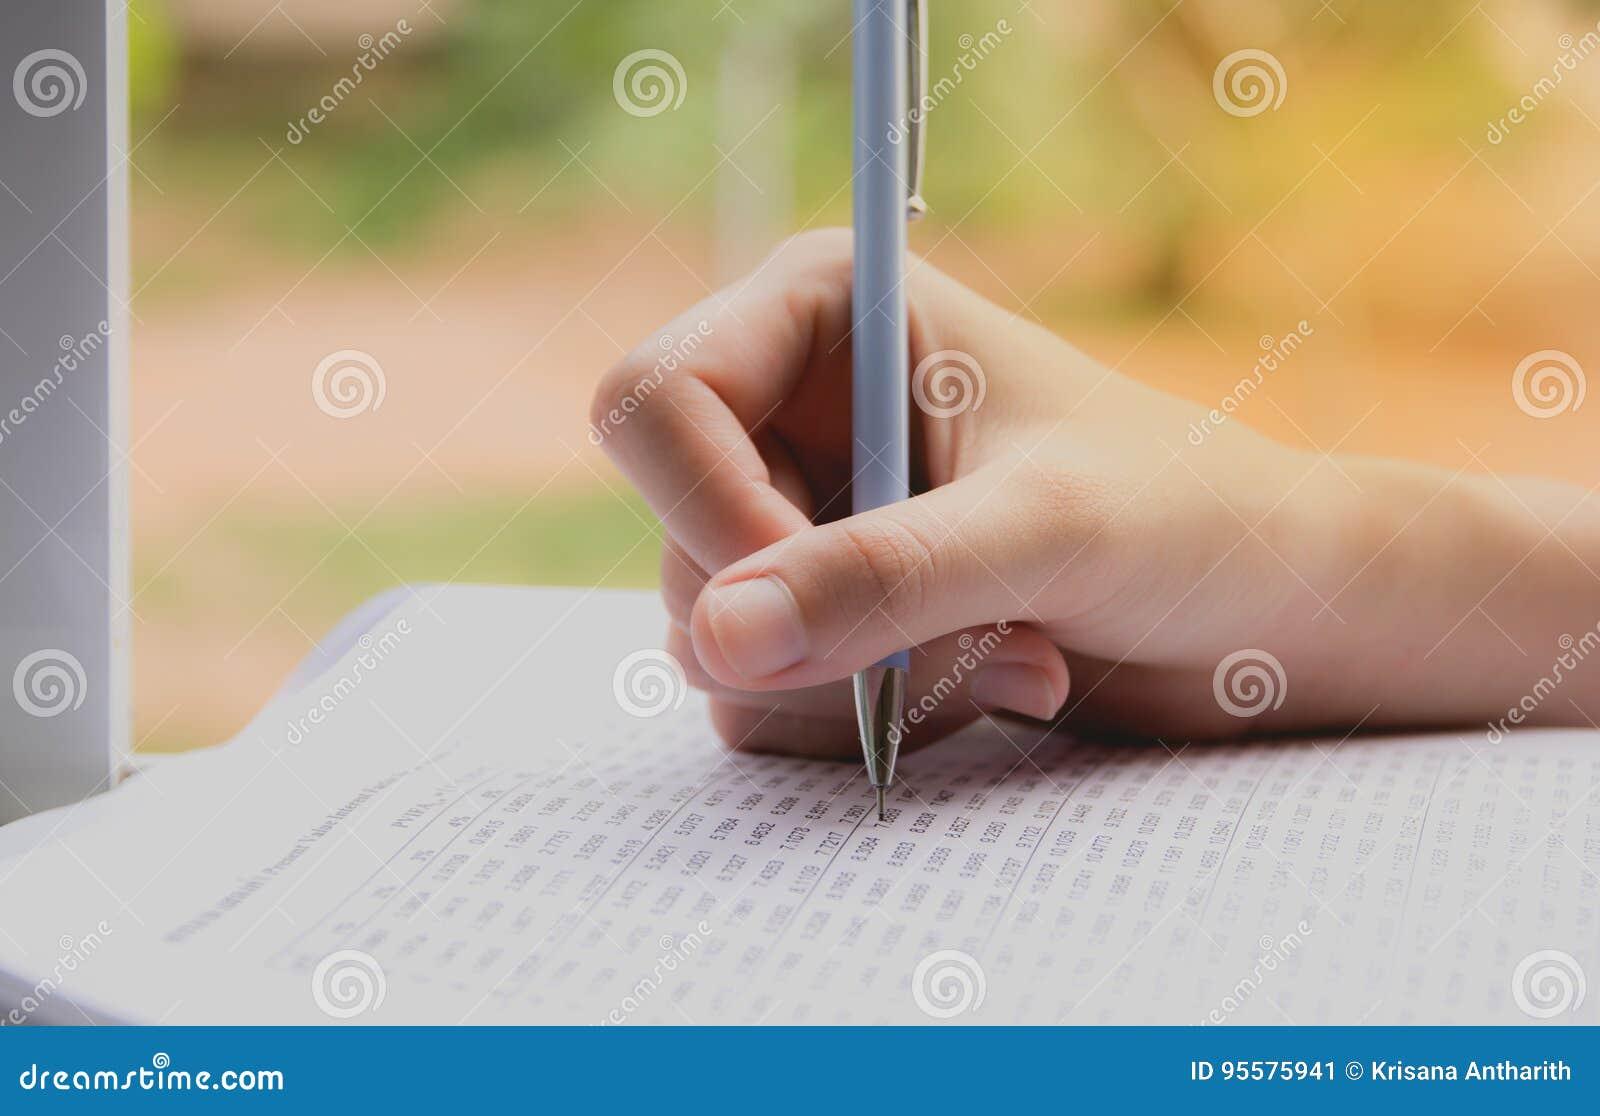 Femme reposant et tenant une correction pour faire un examen